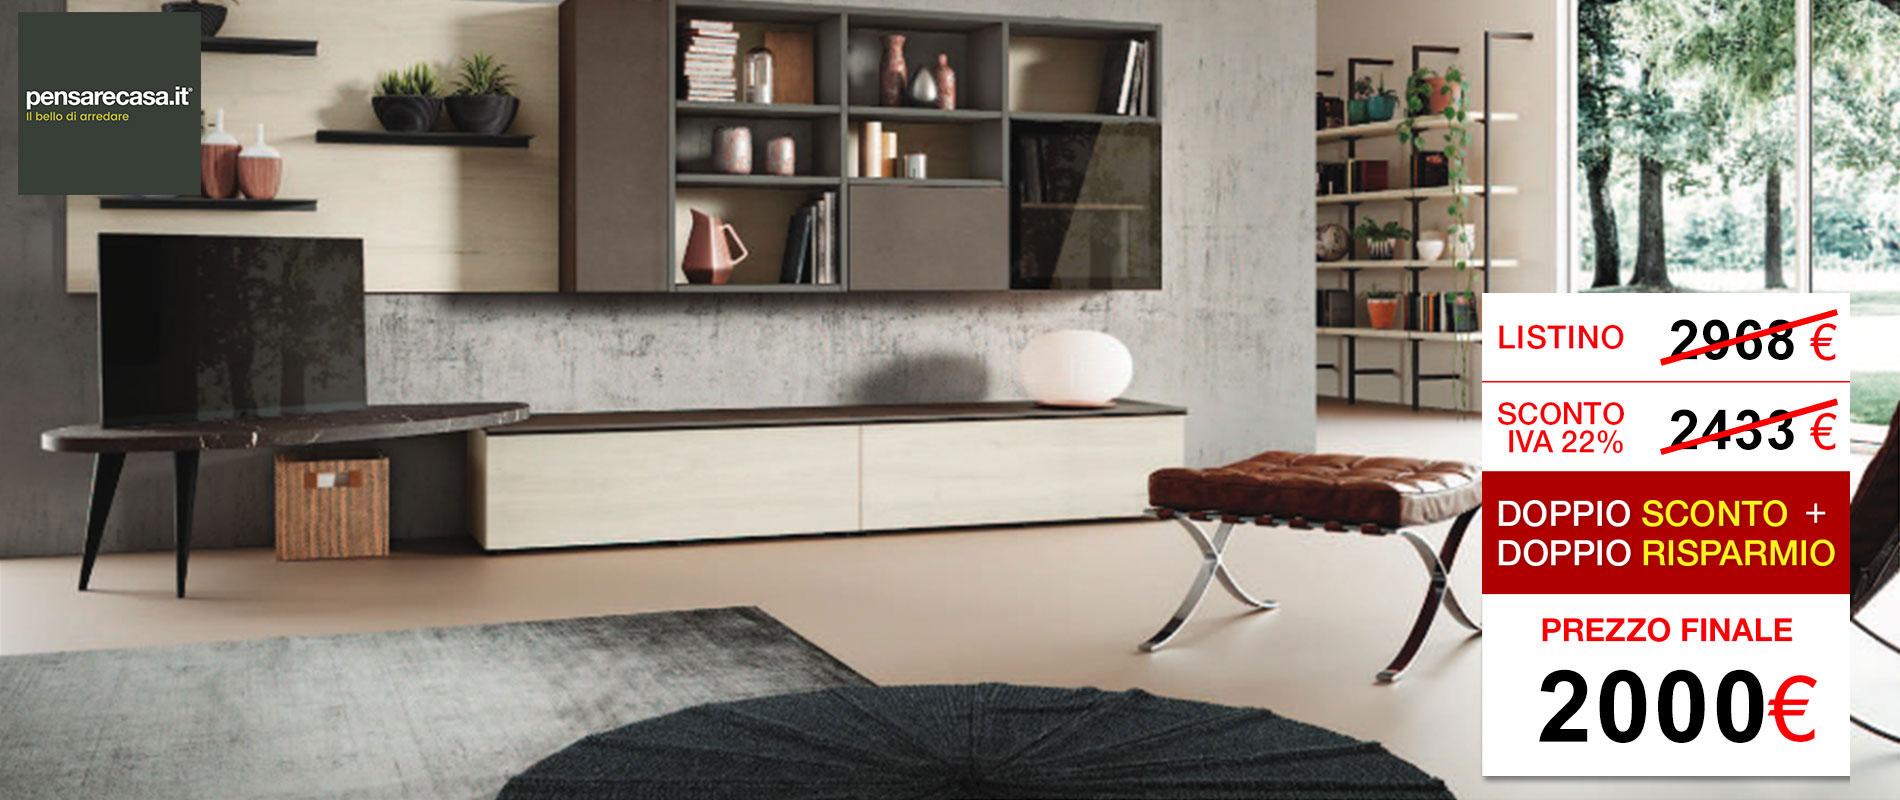 Mobili lanza negozio di arredamento mobili e cucine a for Arredamento completo berloni